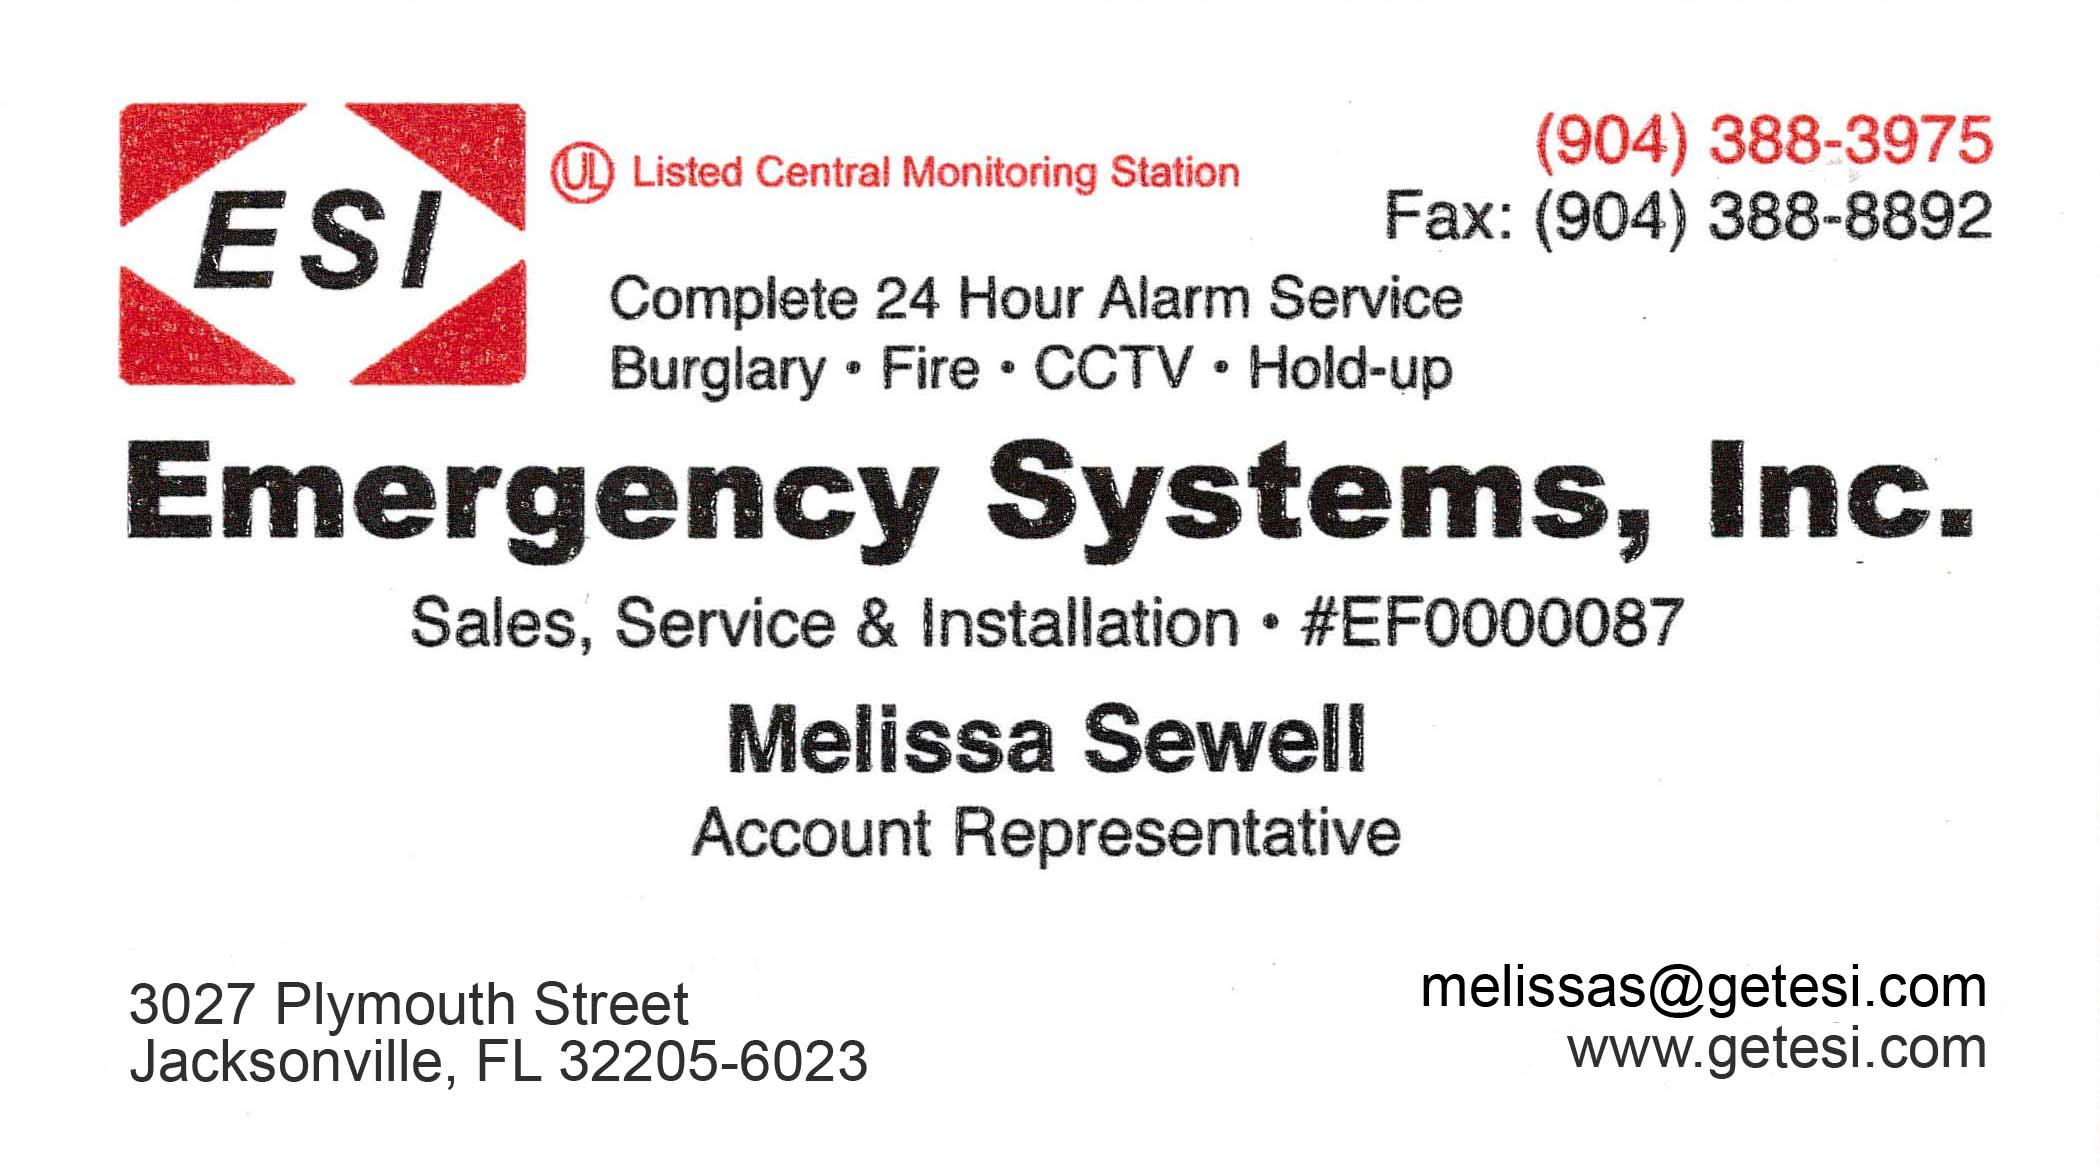 Emergency_Systems_Inc.jpg